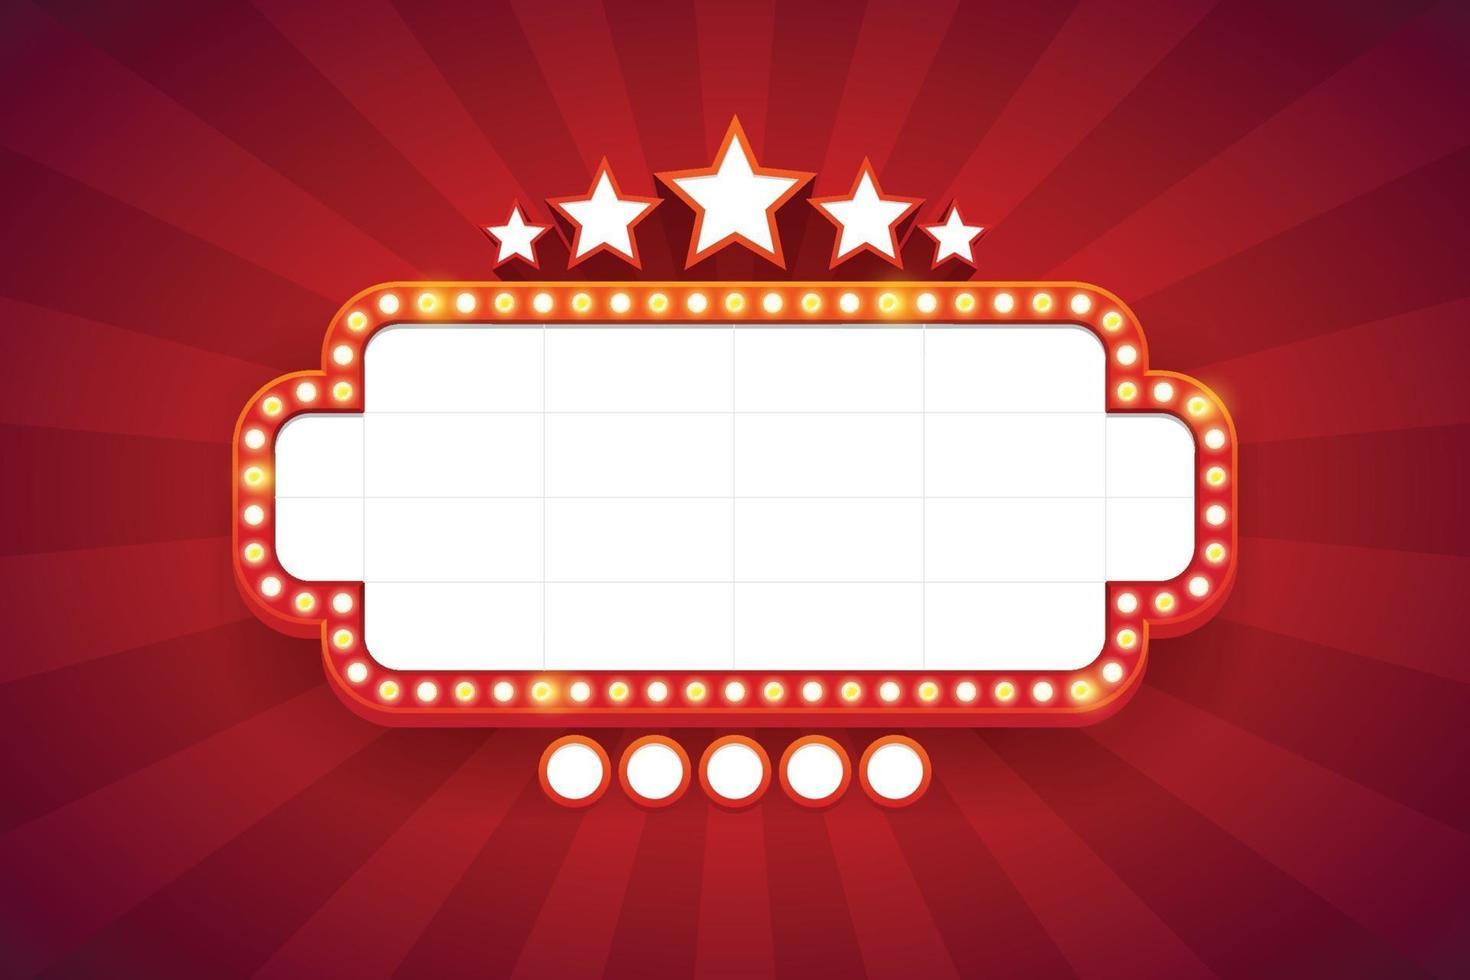 marco de luz brillante cartelera retro con decoración. estilo vintage de casino. ilustración vectorial vector